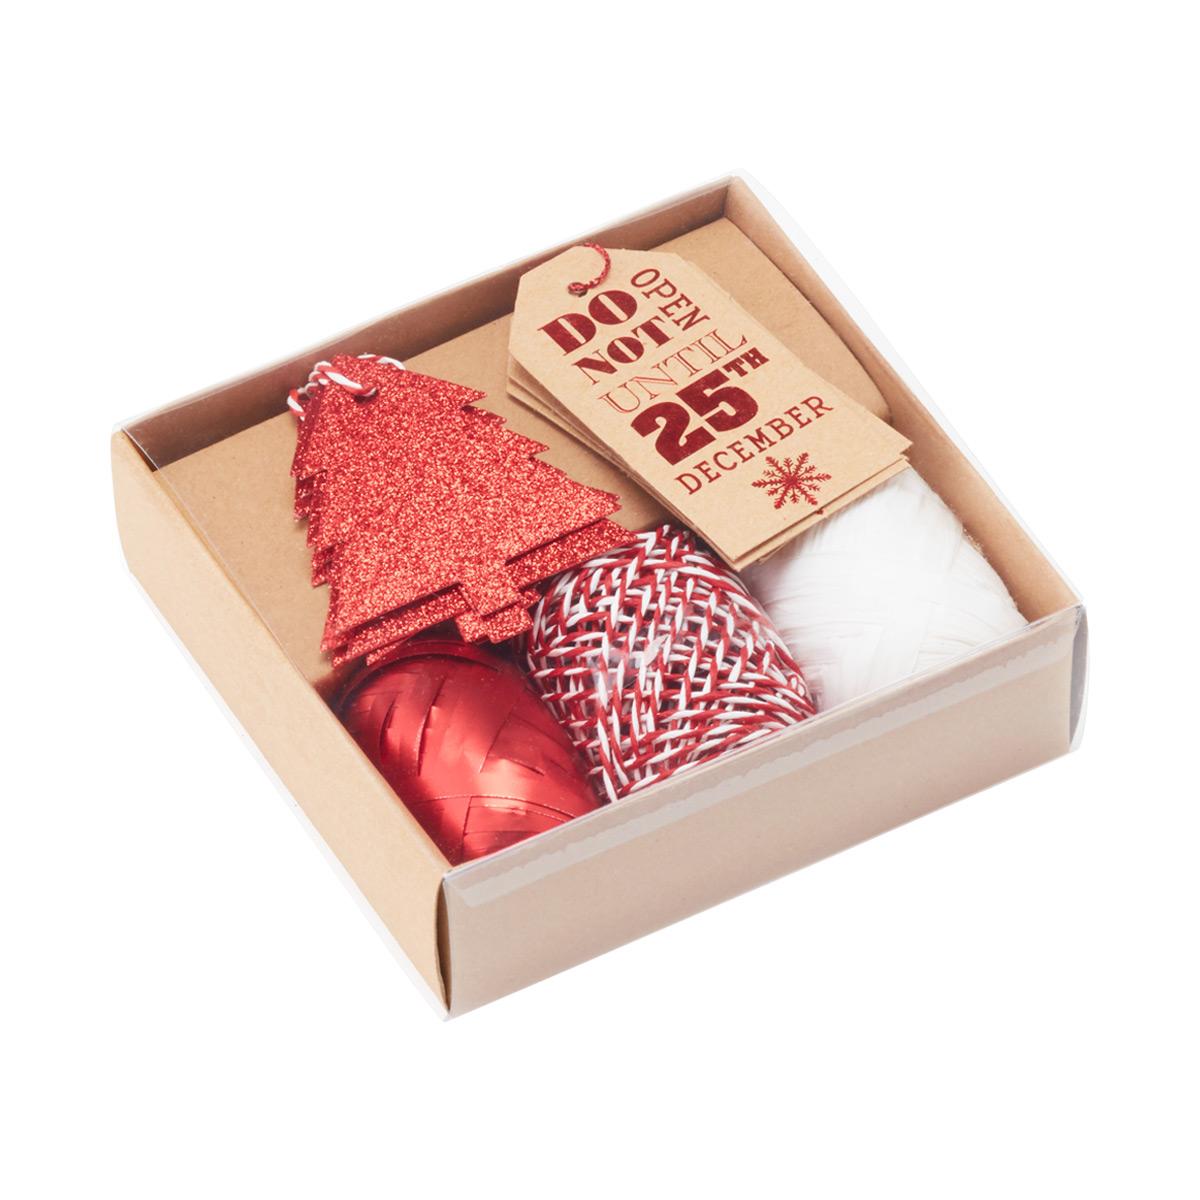 Tag & Ribbon Kit Do Not Open